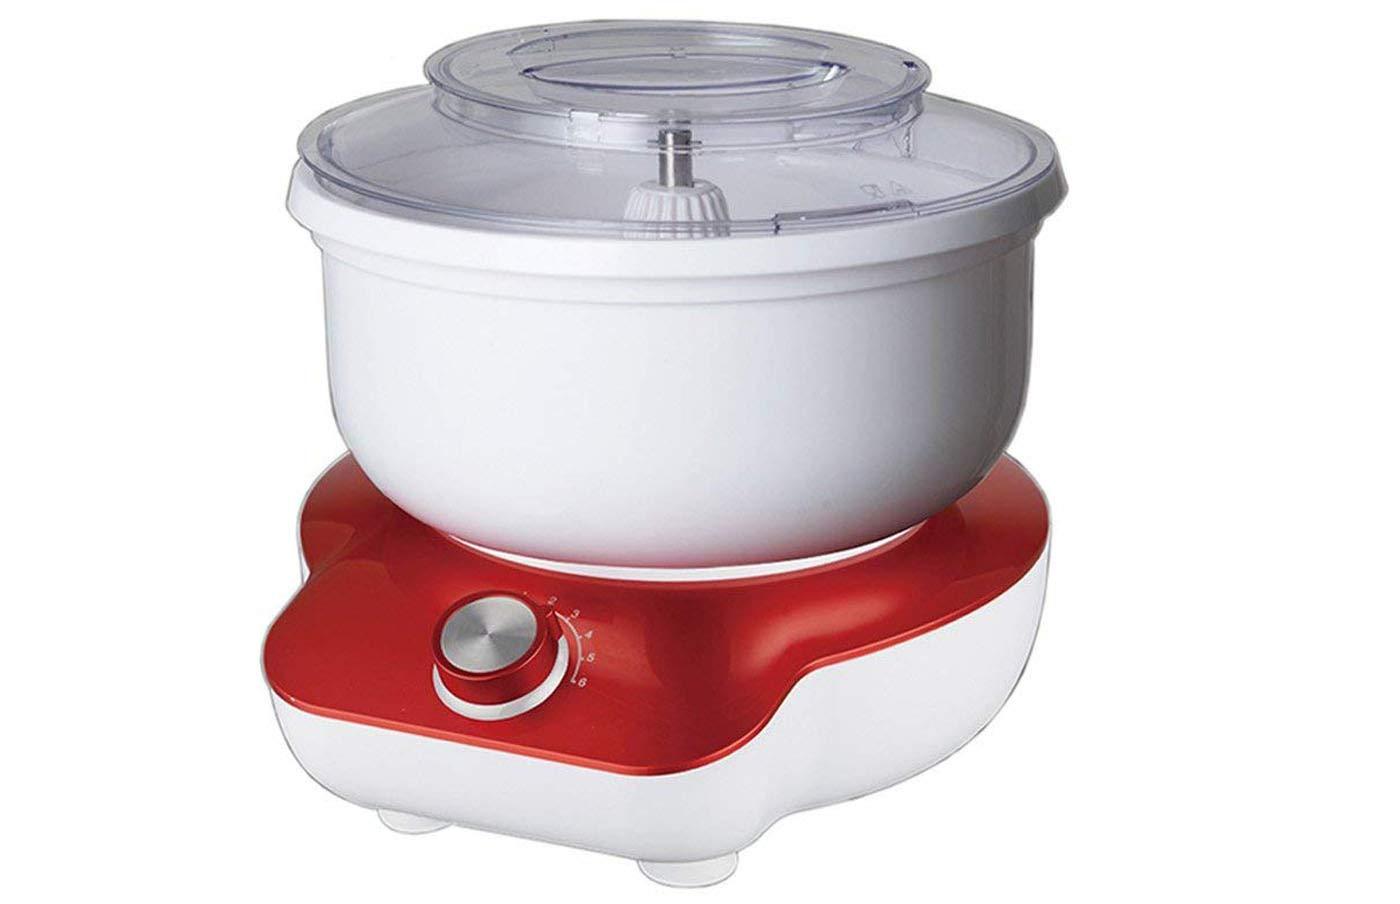 DMS-5-Liter-Kchenmaschine-1400W-Knetmaschine-Rhrmaschine-Plastikschssel-Pulse-Funktion-und-Spritzschutz-KMP-1400WR